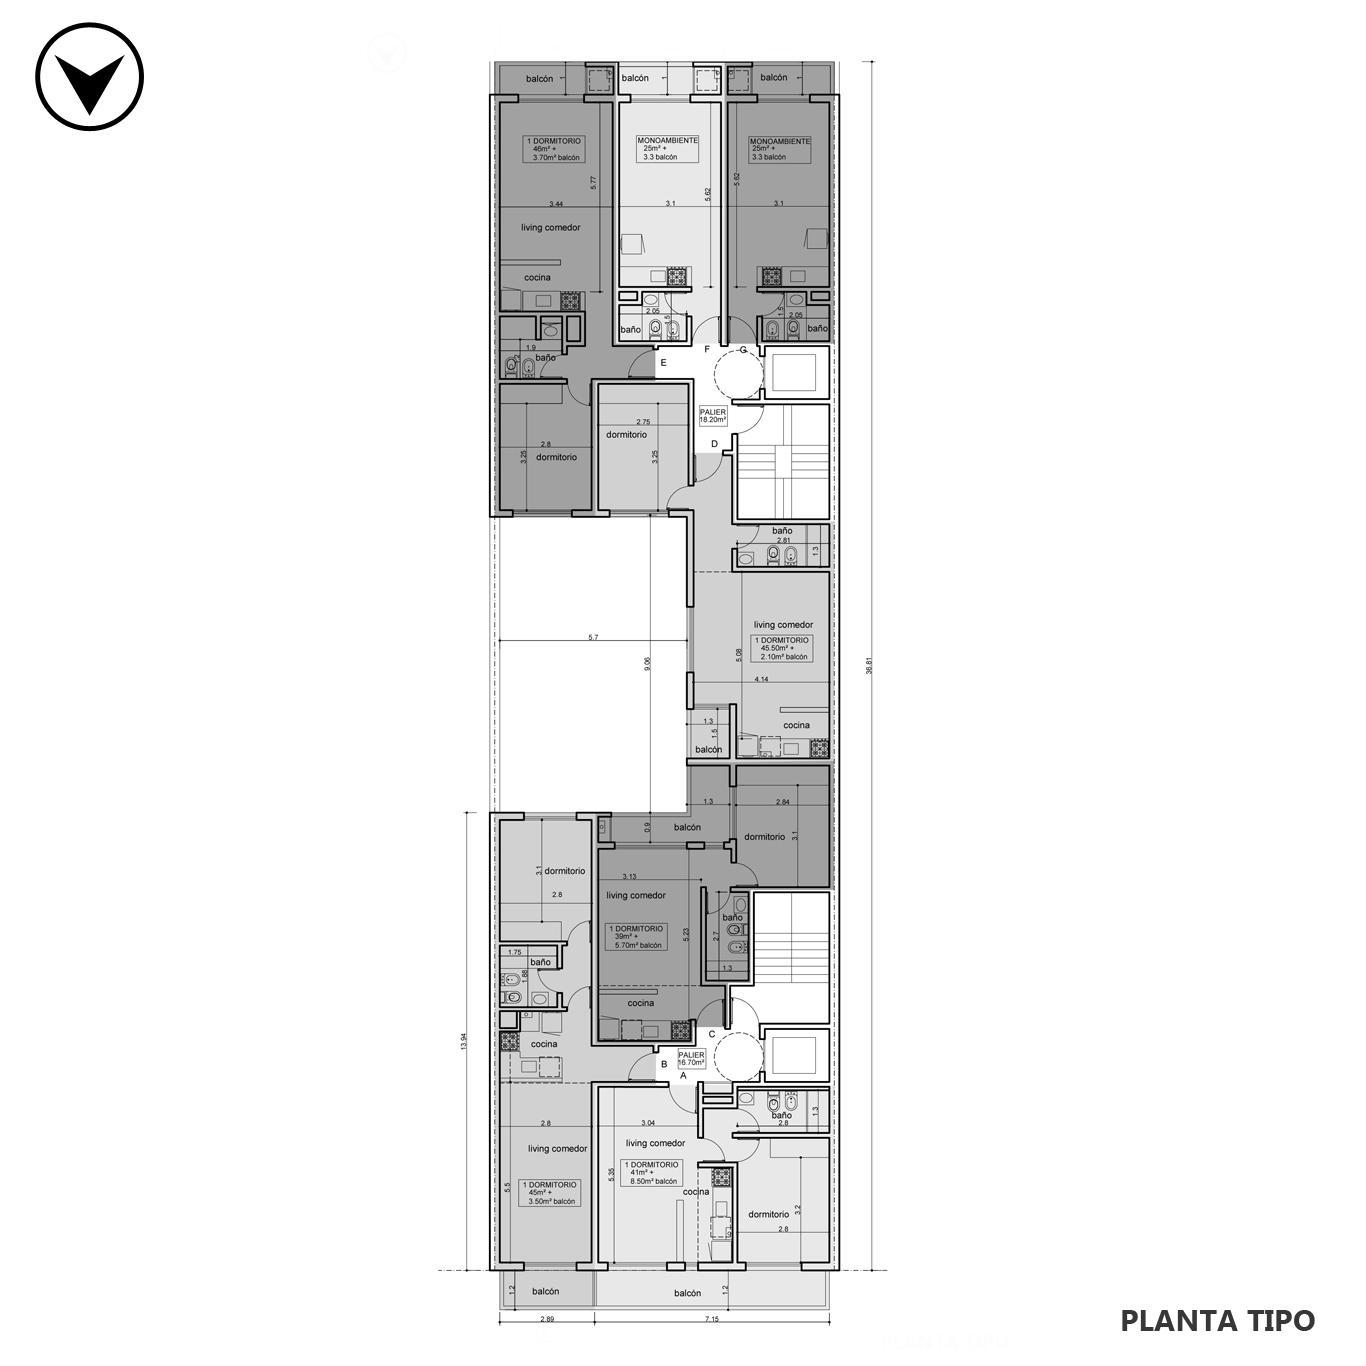 Venta departamento 1 dormitorio Rosario, Centro. Cod CBU24743 AP2302085. Crestale Propiedades